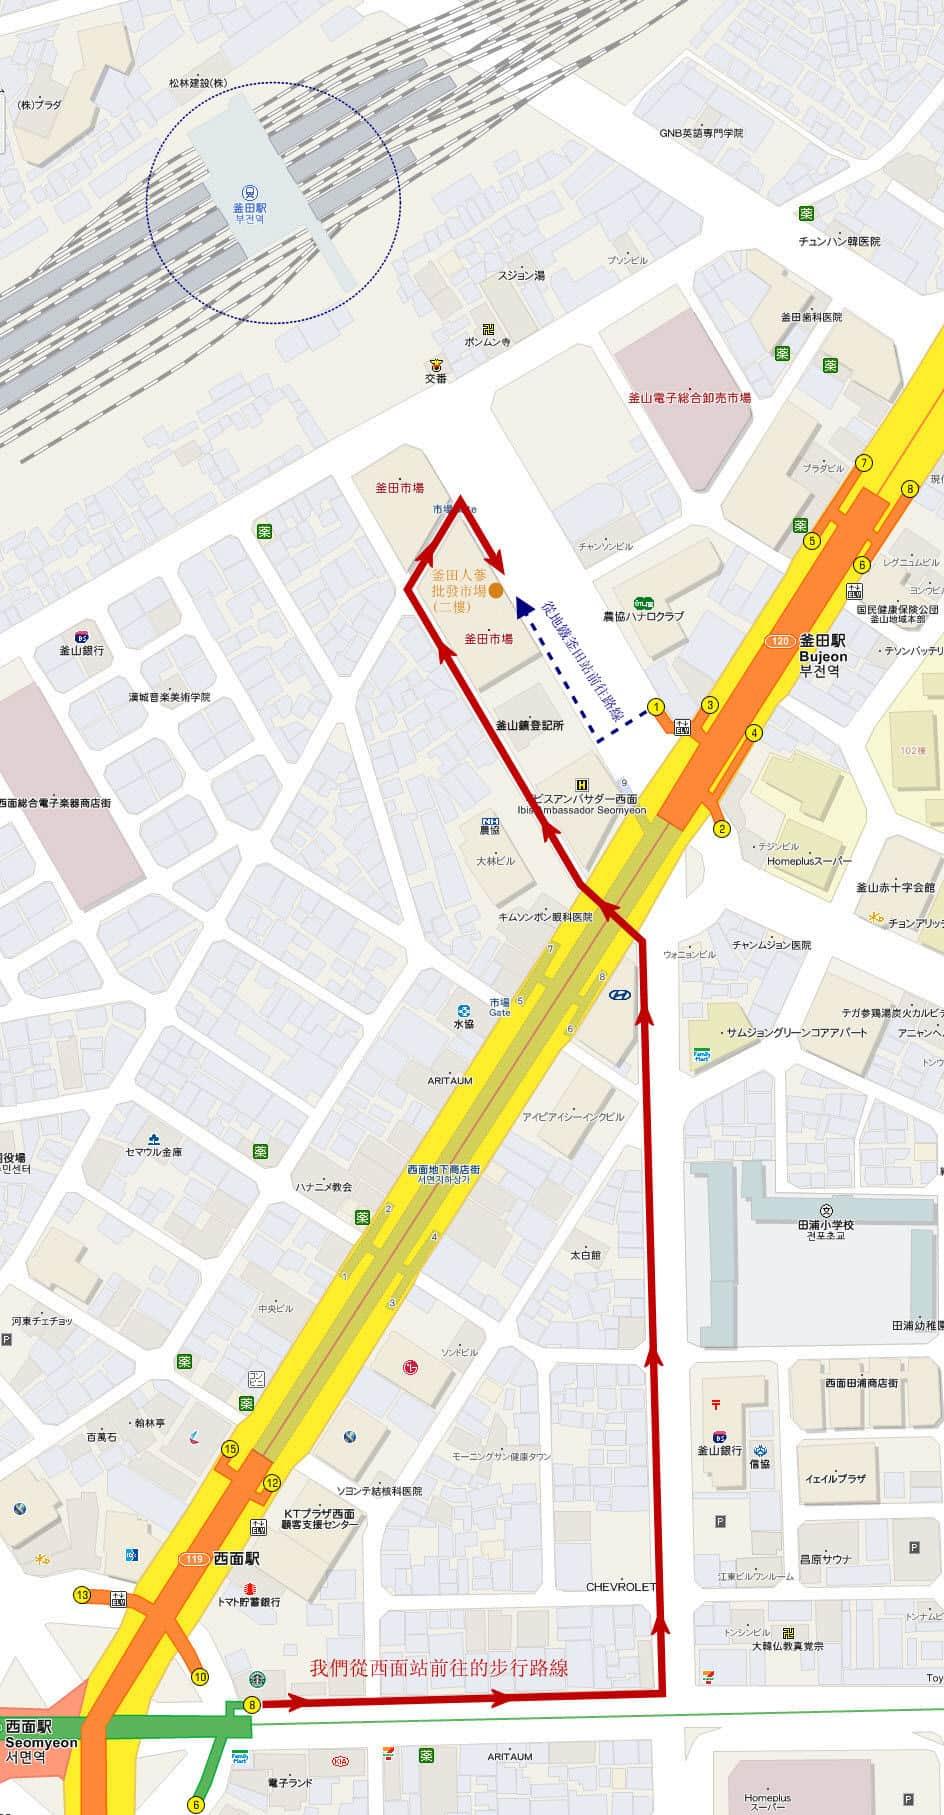 釜田市場及釜田人蔘批發市場前往路線地圖